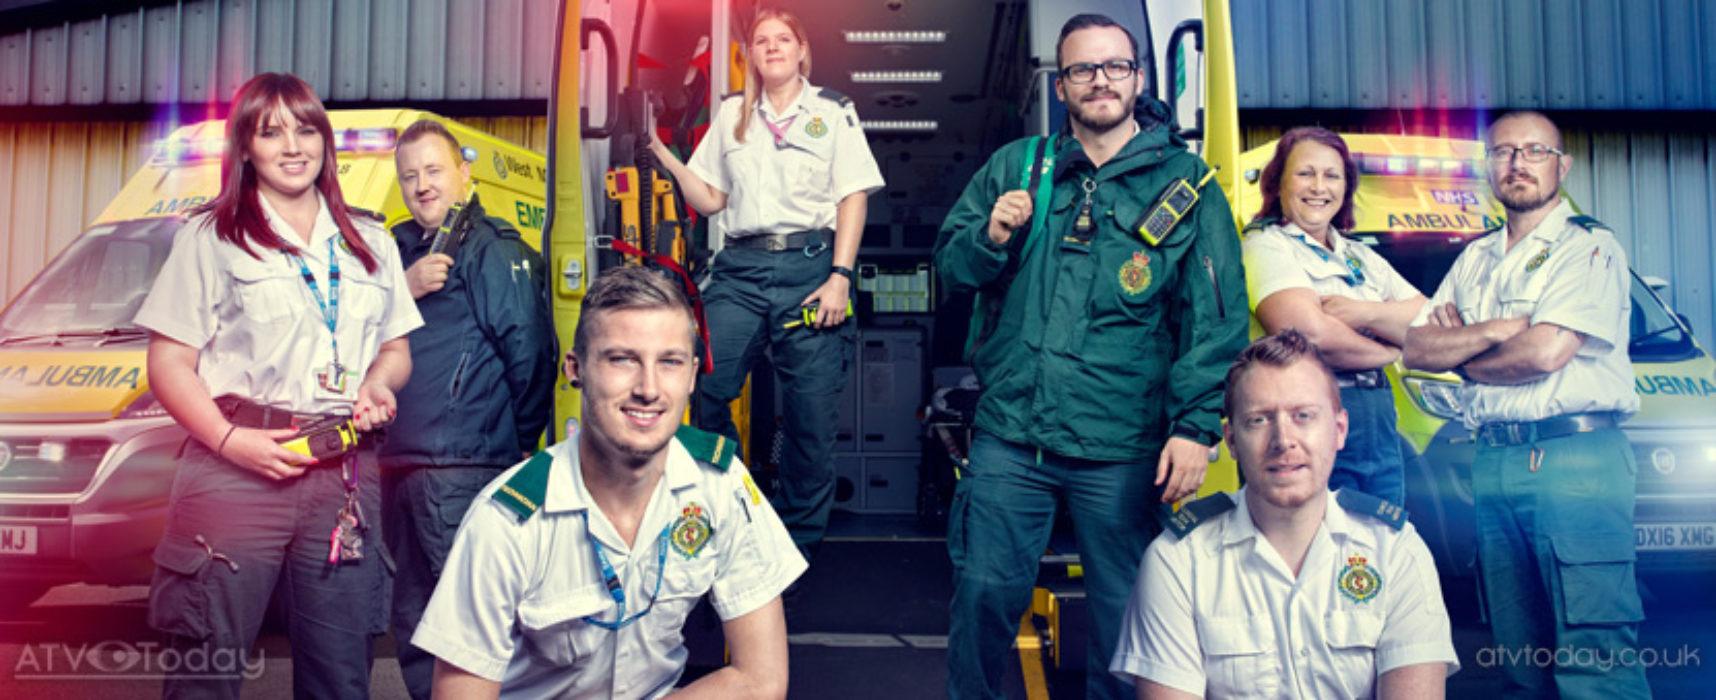 More Inside the Ambulance for UKTV